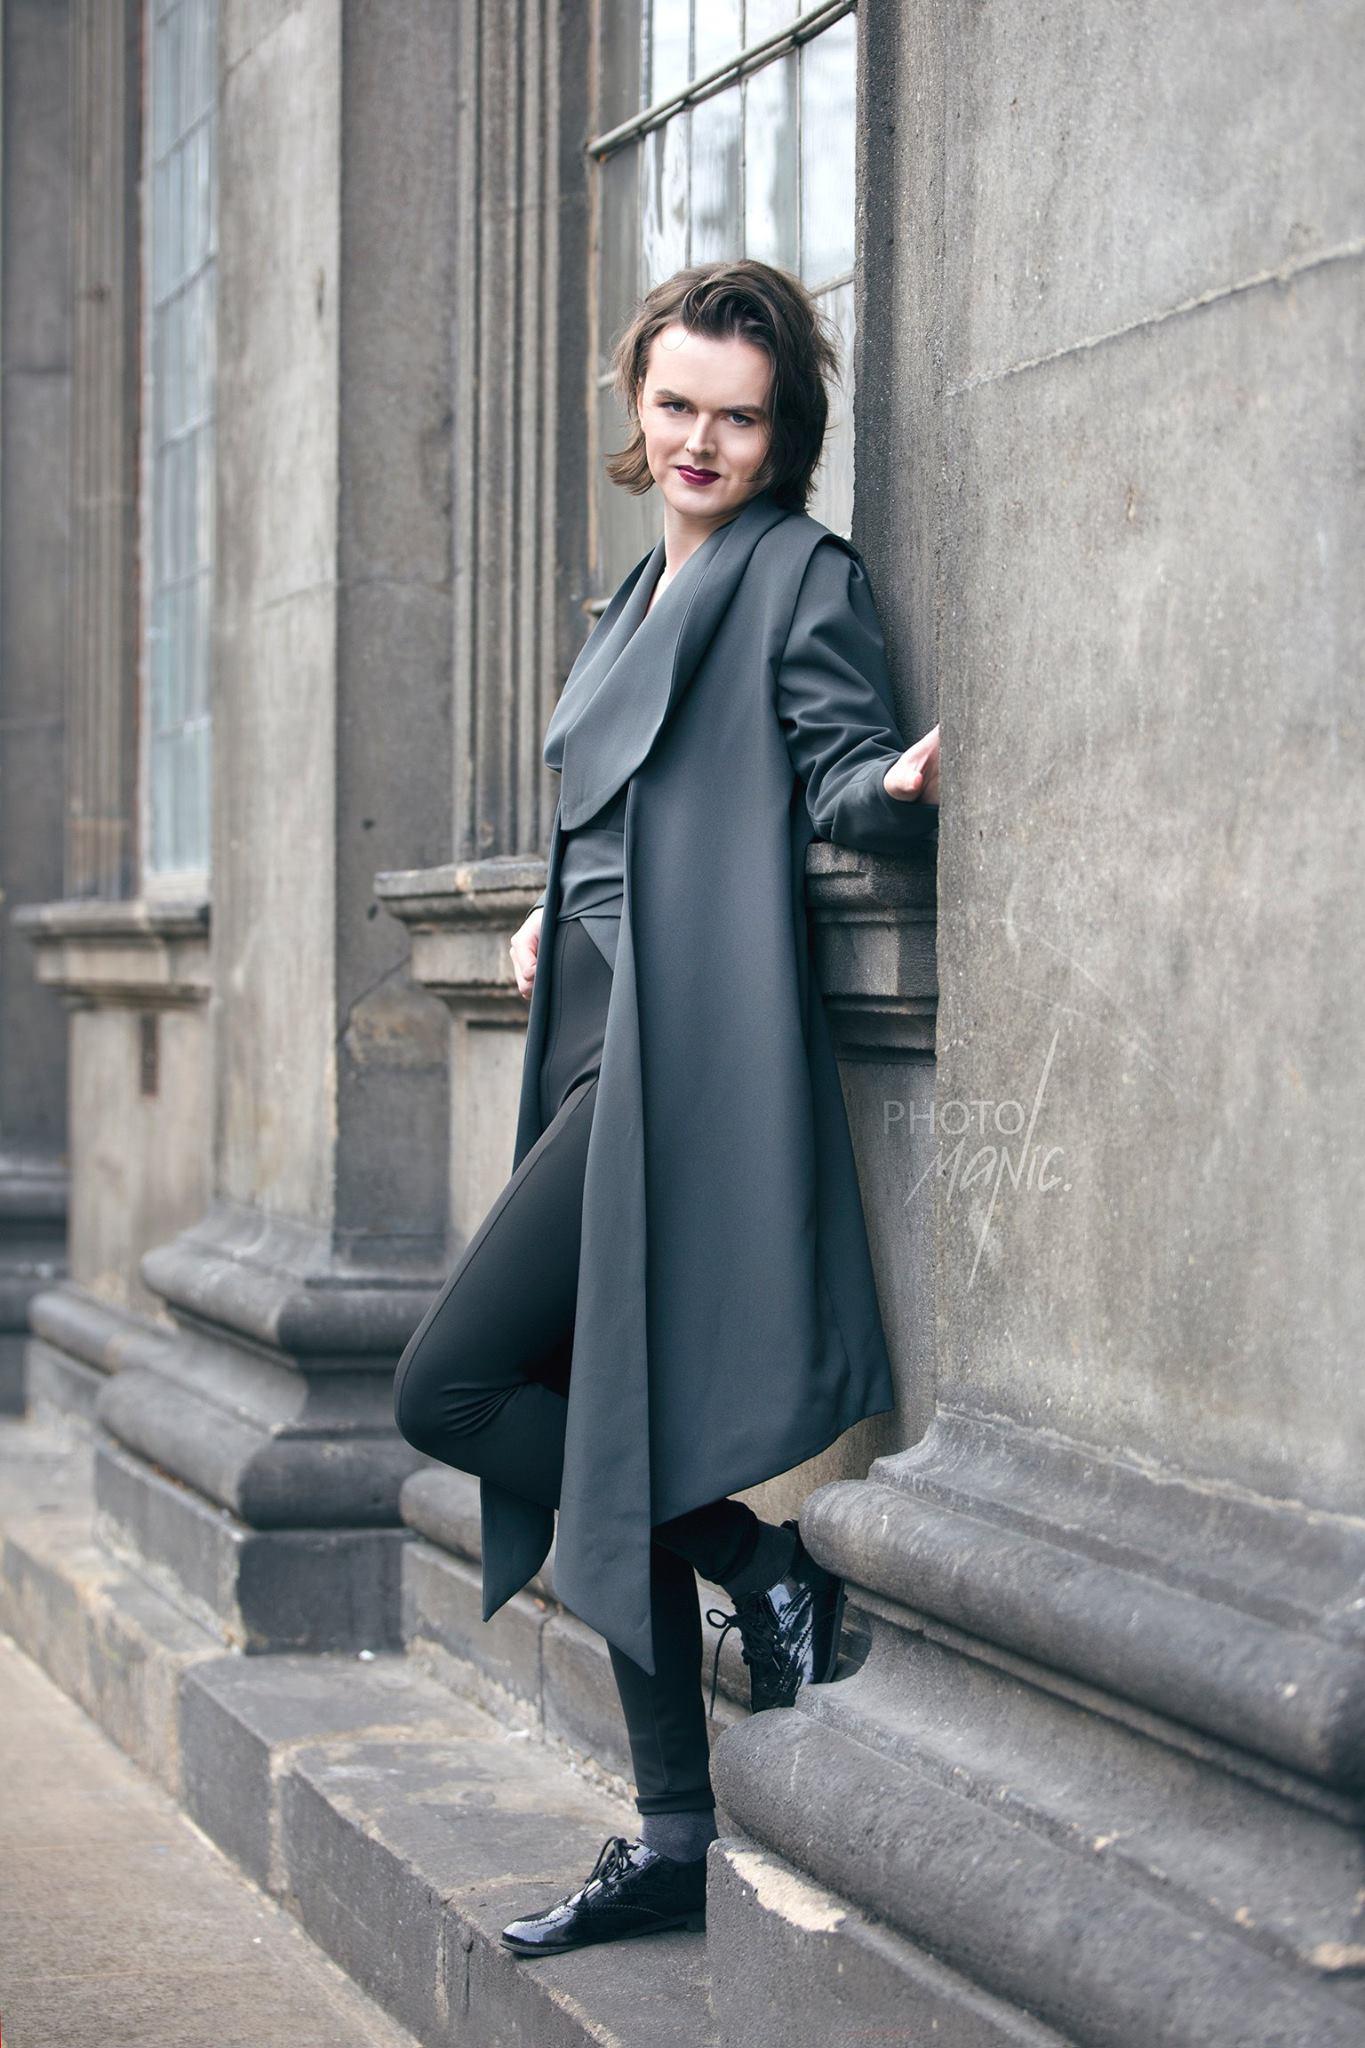 zaramia-ava-zaramiaava-leeds-fashion-designer-ethical-sustainable-black-jacket-drape-aya-dress-grey-5.jpg